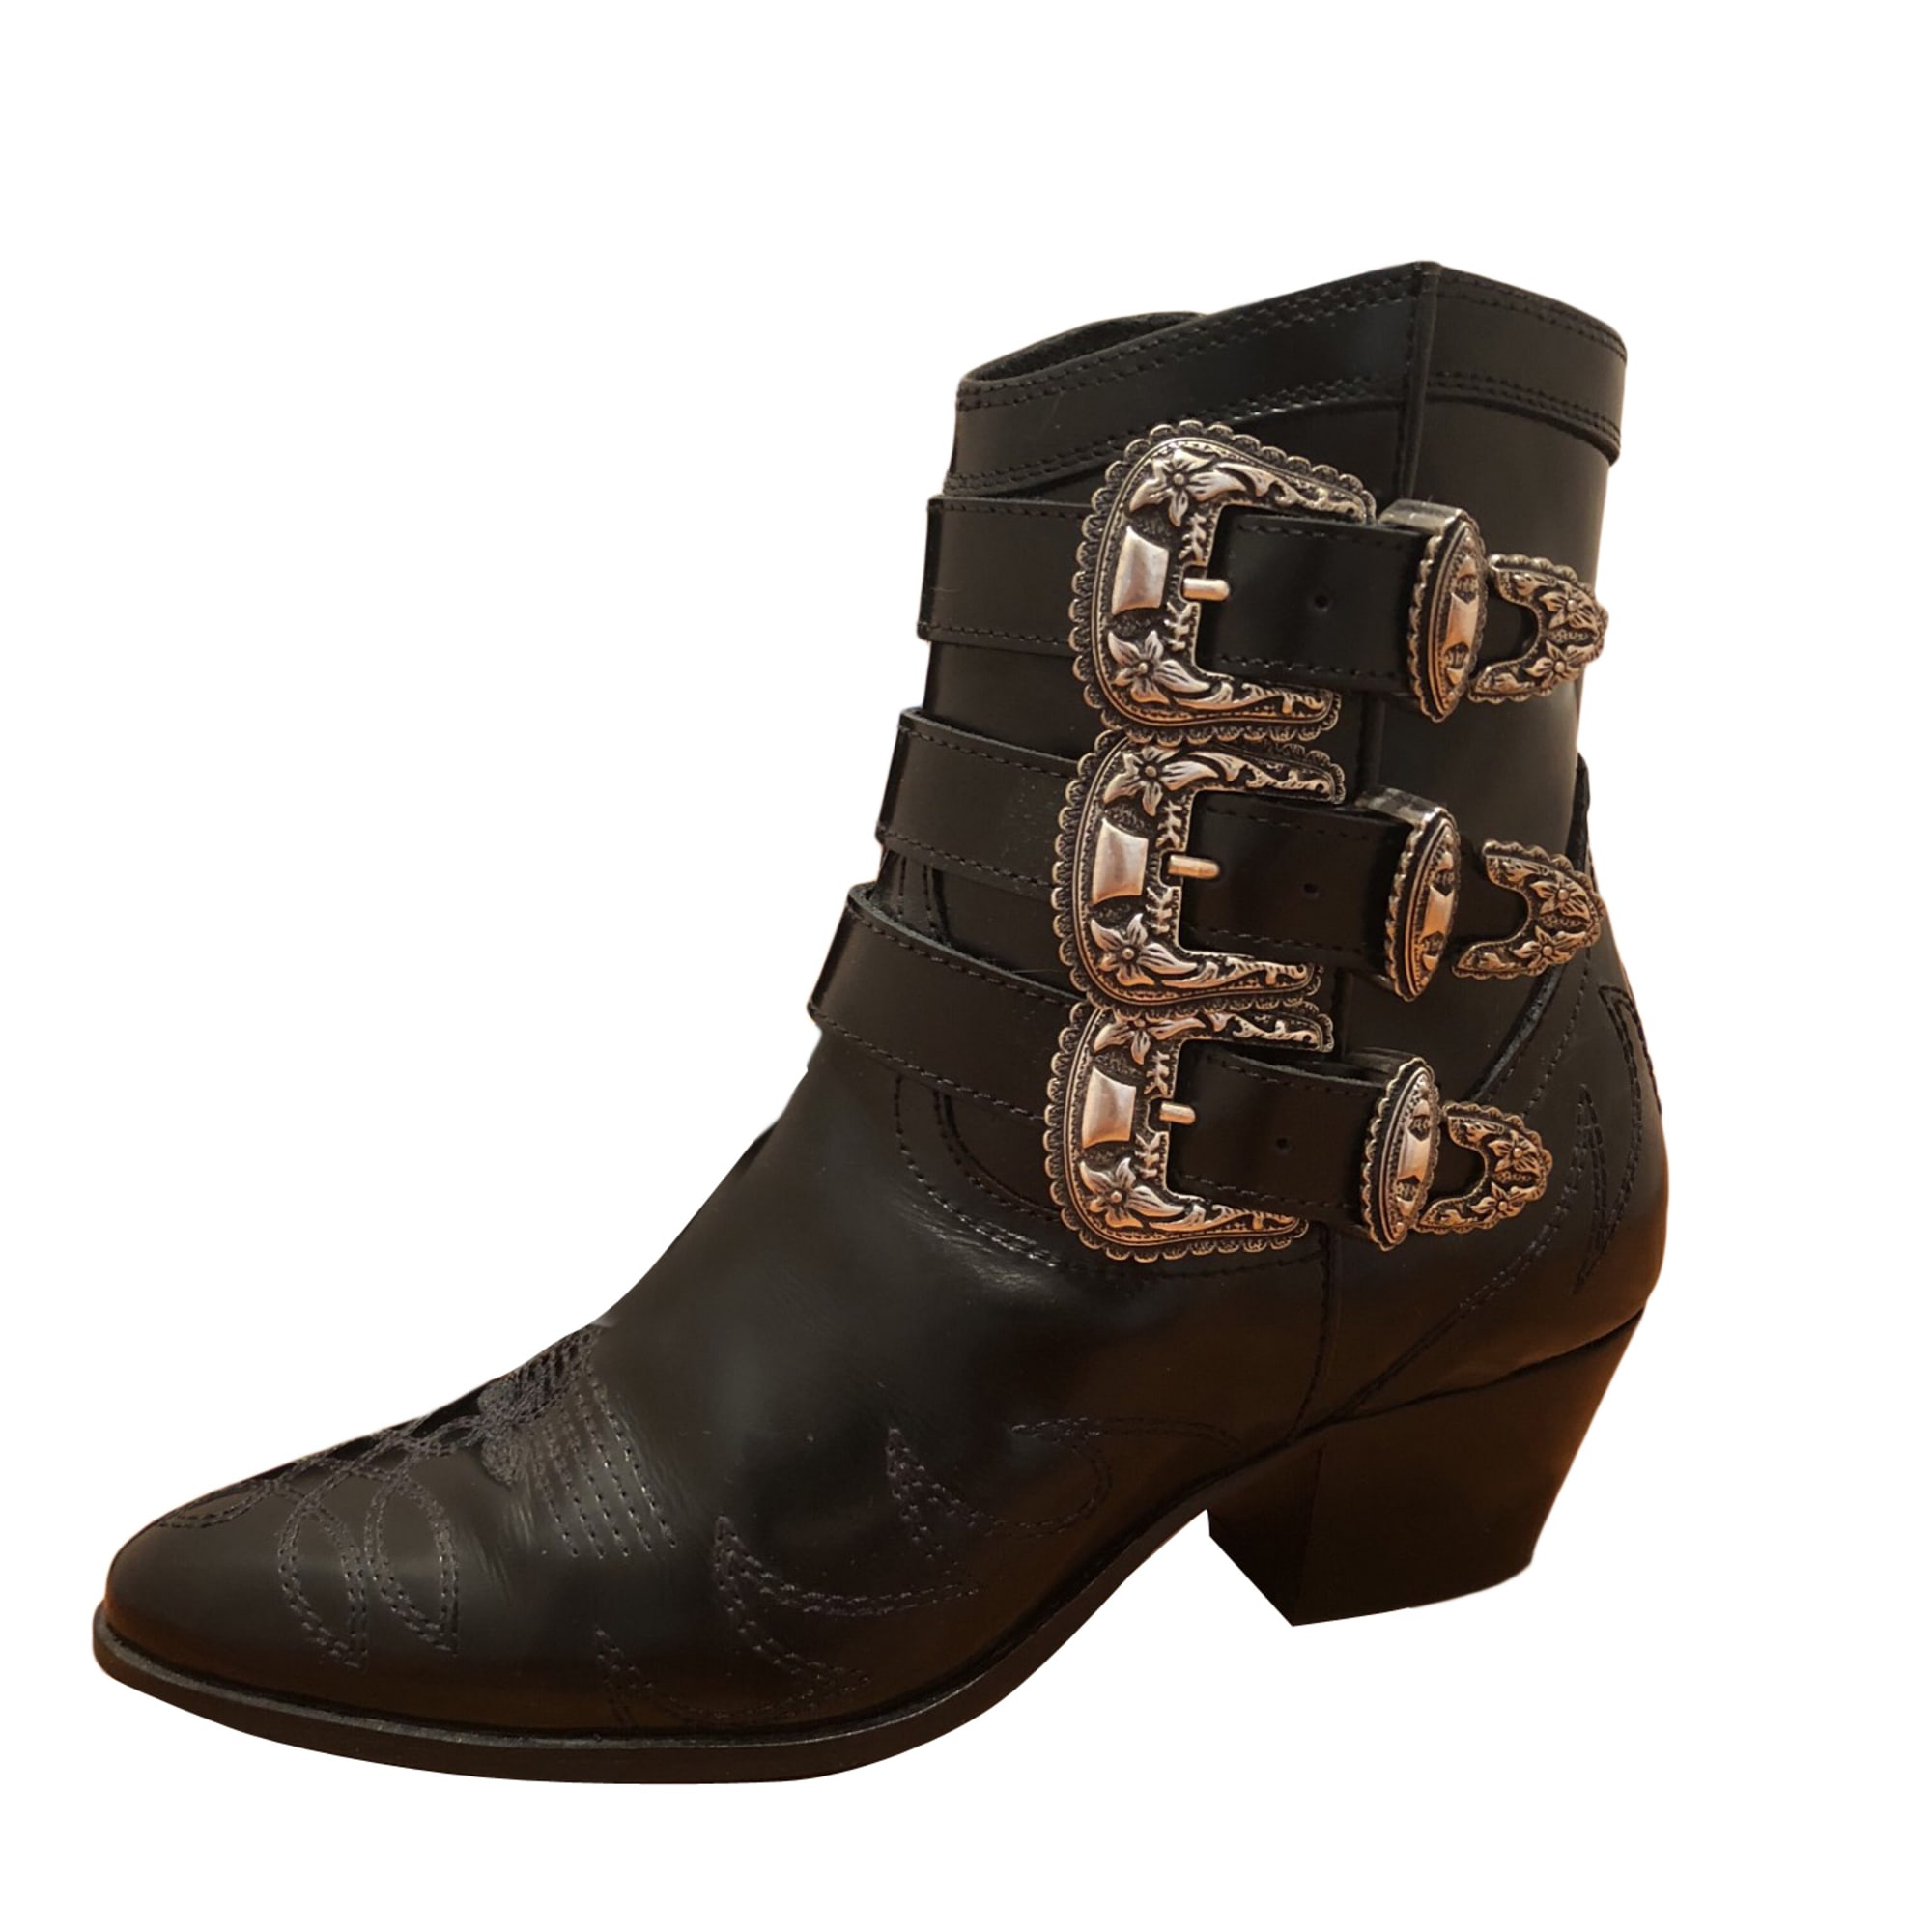 9f09c8d1dd0 Santiags, bottines, low boots cowboy THE KOOPLES 36 noir vendu par ...